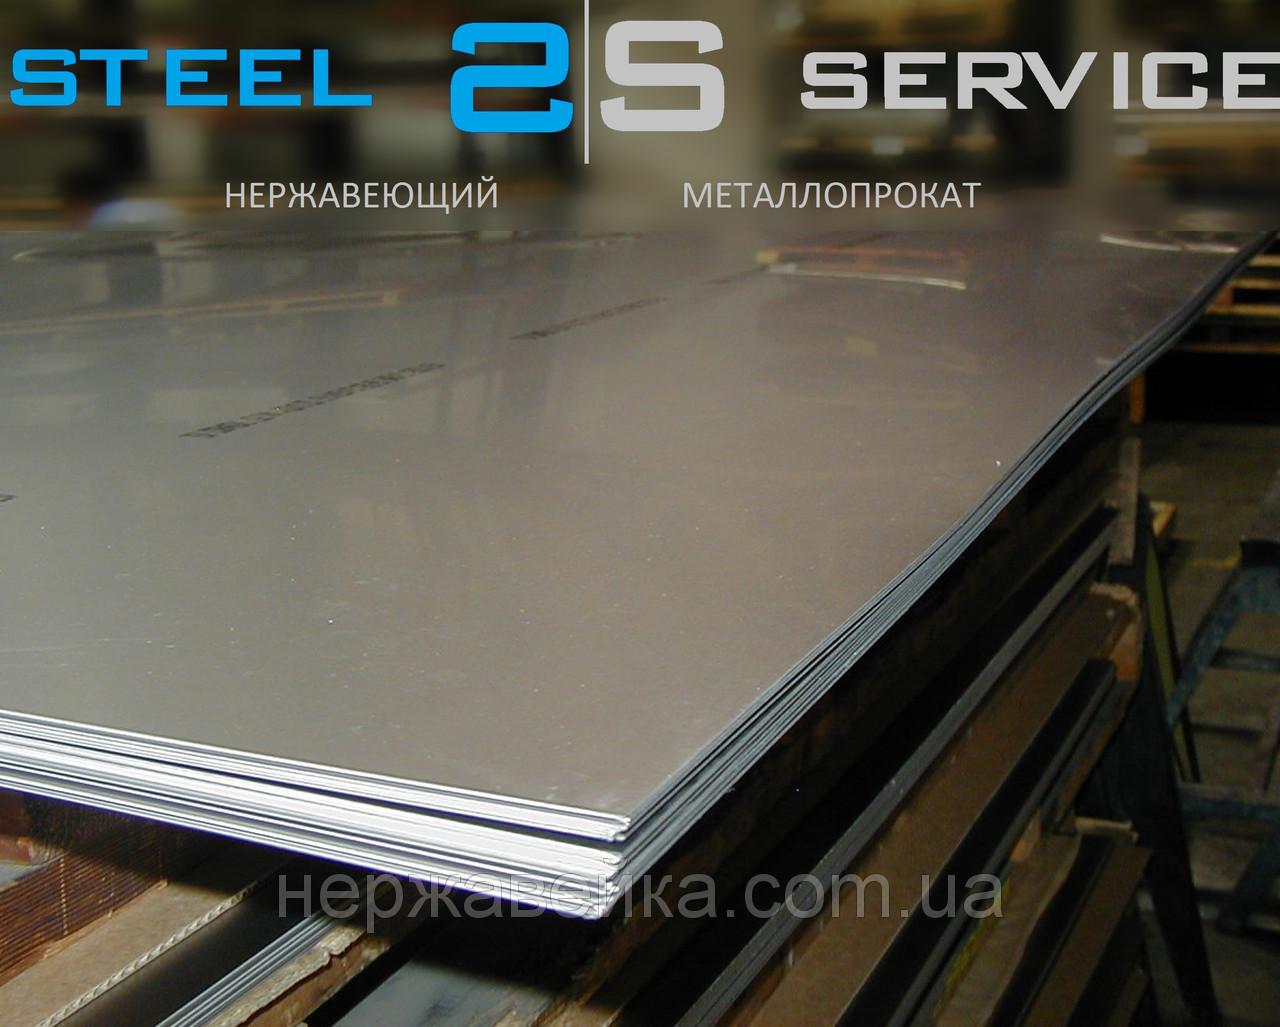 Листовая нержавейка 1х1250х2500мм AISI 430(12Х17) 4N - шлифованный, технический